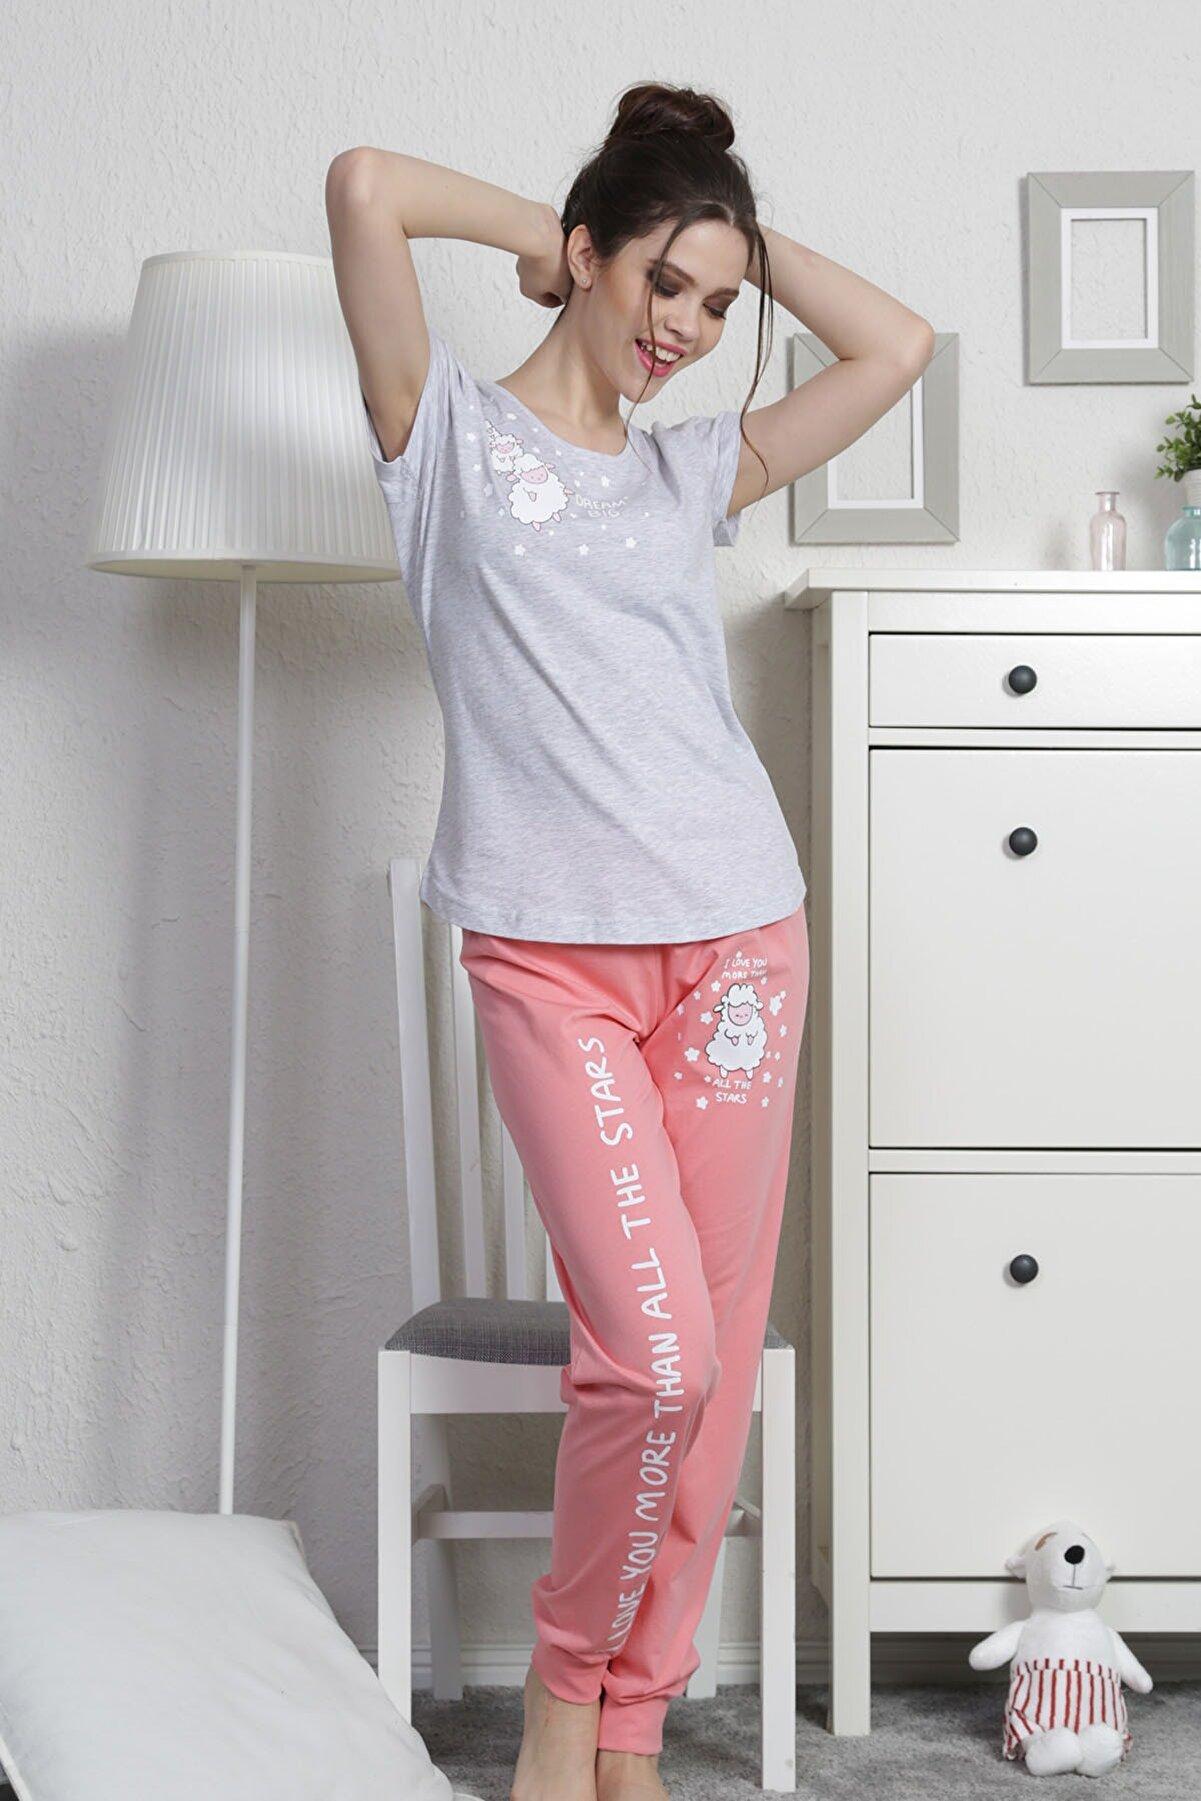 Vienetta Kadın Kısa Kol Normal Beden Suprem Pijama Takım